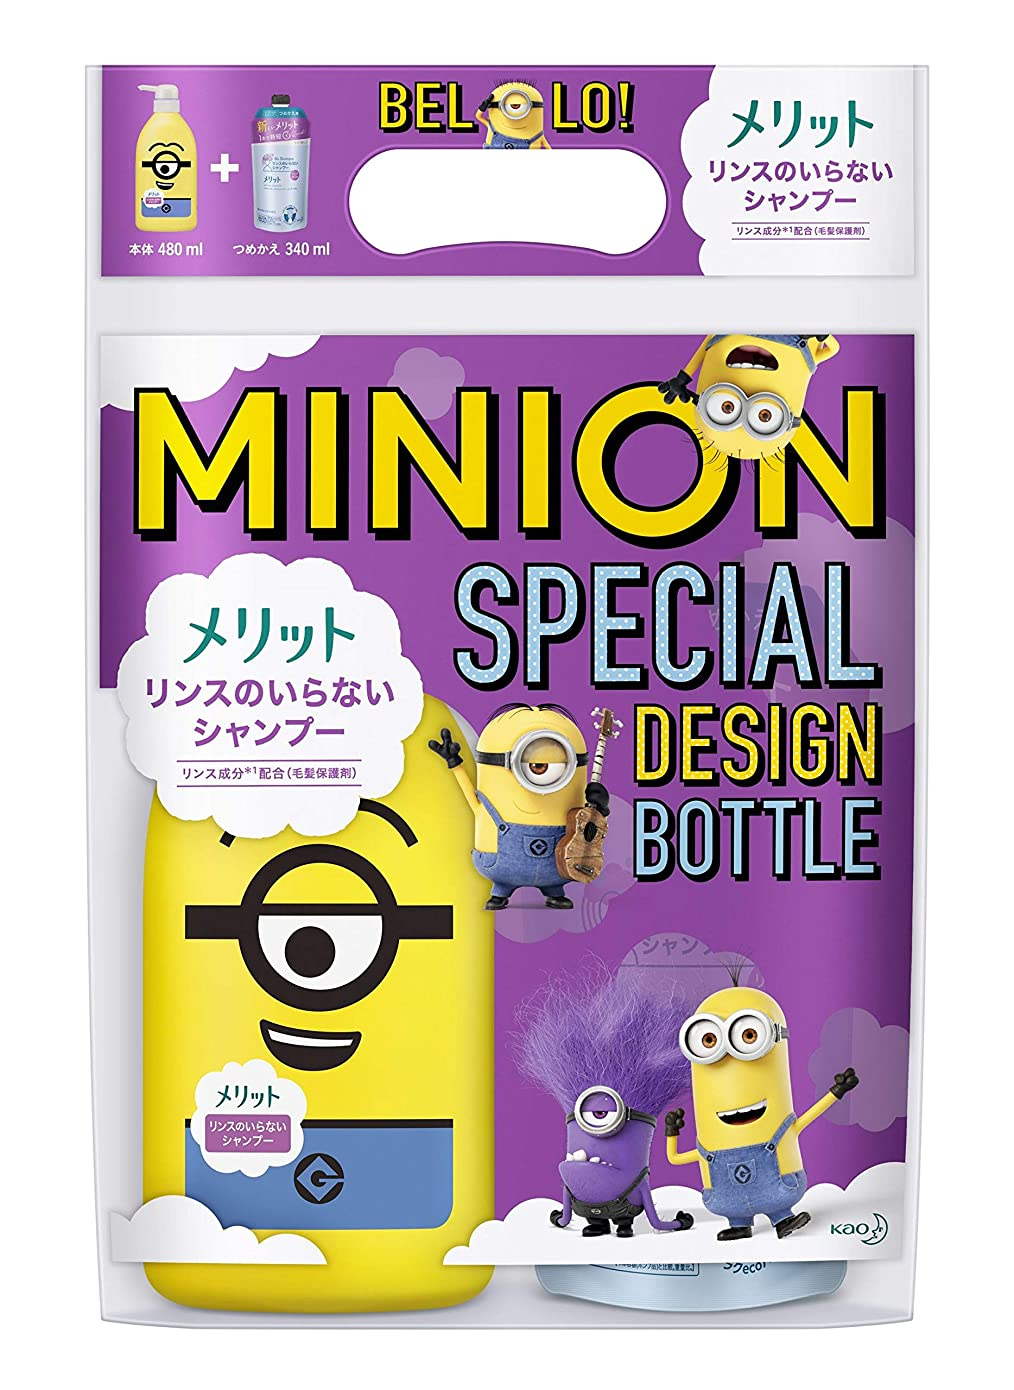 代表団現在頼るメリット リンスのいらないシャンプー ミニオン スペシャルデザインボトル [ Minion Special Design Bottle ] + つめかえ用セット (デザインボトル480ml+つめかえ用340ml)